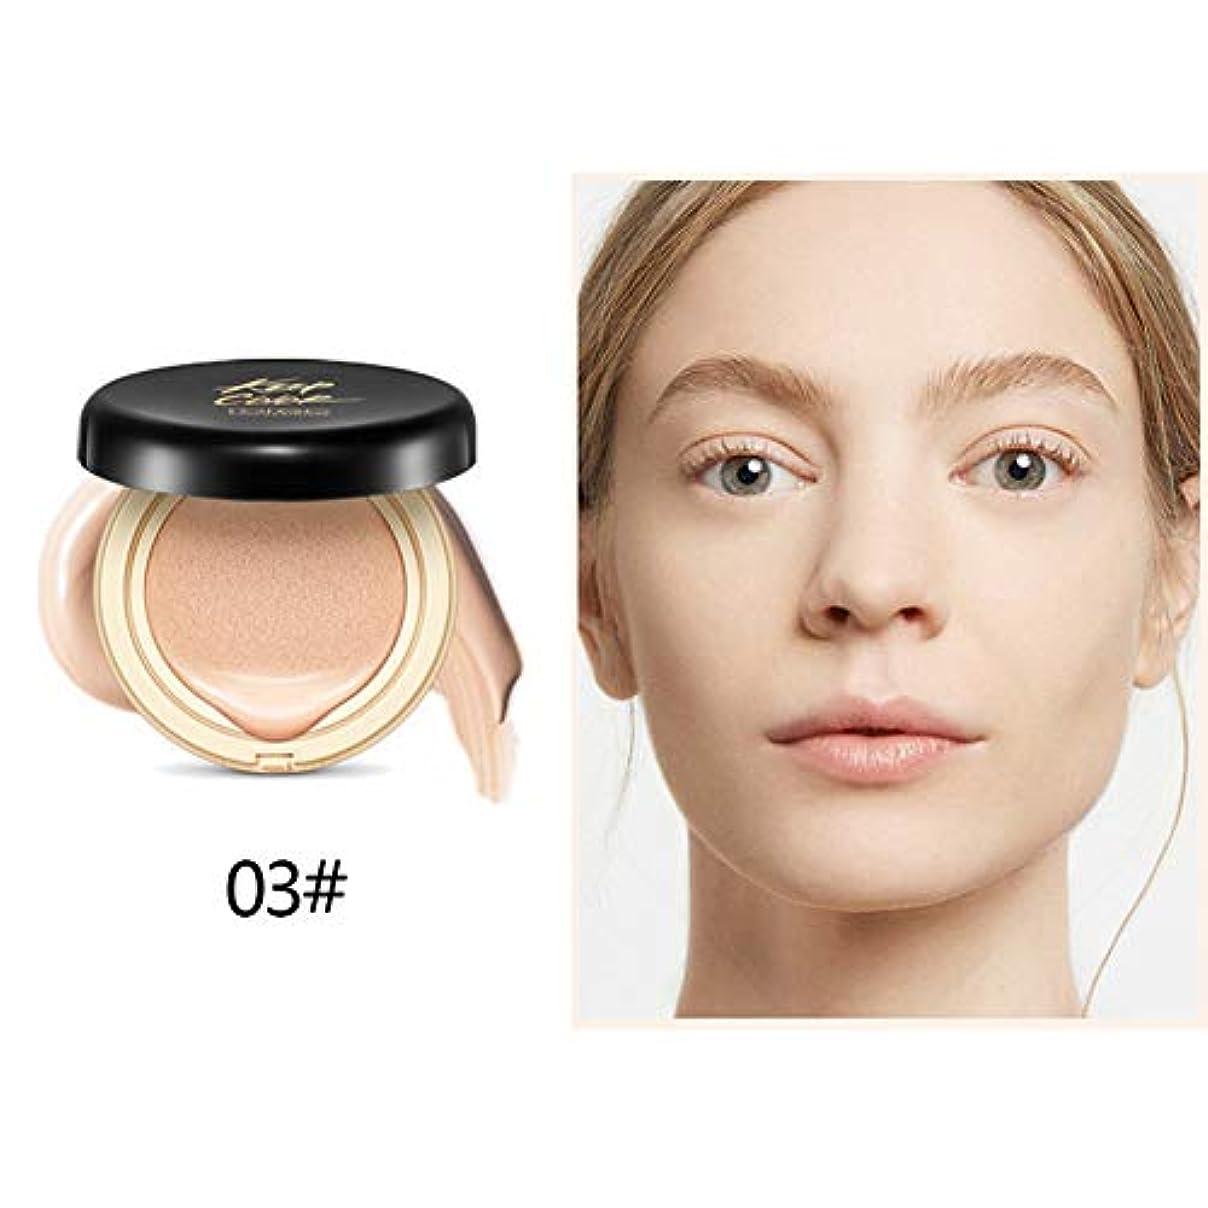 知覚できる中助けになるエアクッションBBクリーム 保湿 栄養 肌カバー 肌の色を明るく ファンデーション ナチュラル 化粧プライマー にきびの跡を隠す スキンケア Cutelove